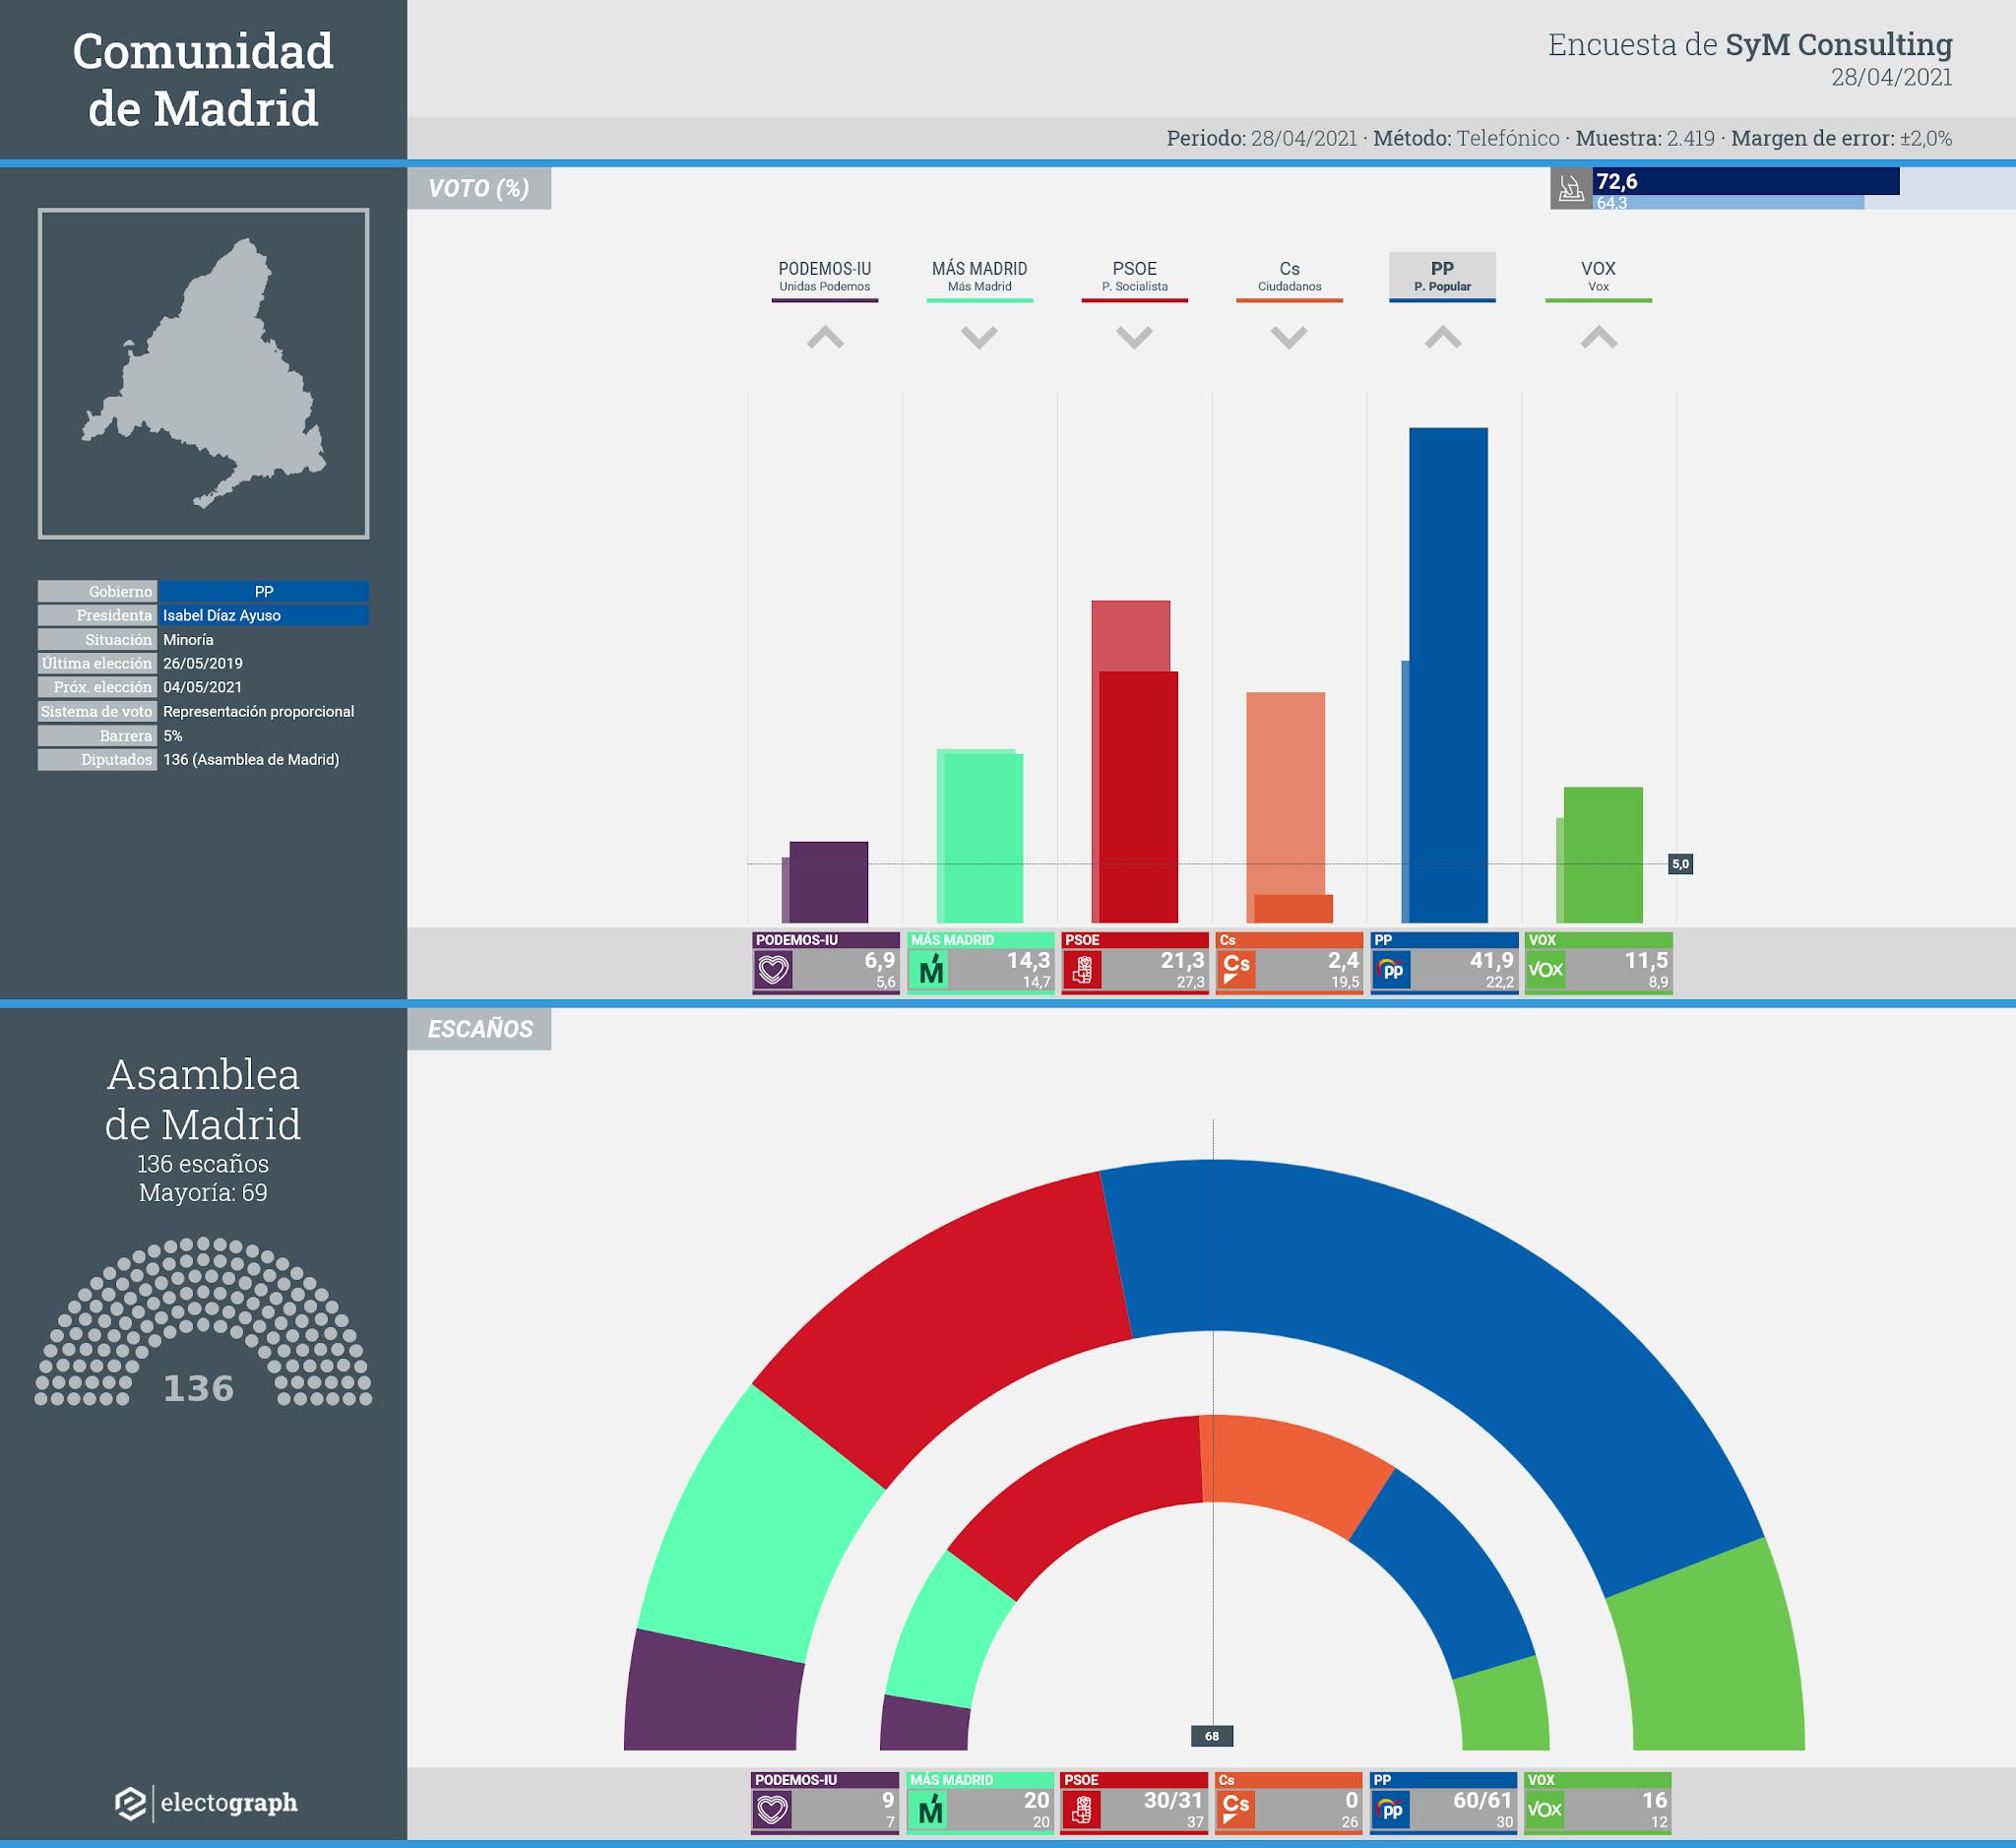 Gráfico de la encuesta para elecciones autonómicas en la Comunidad de Madrid realizada por SyM Consulting, 28 de abril de 2021